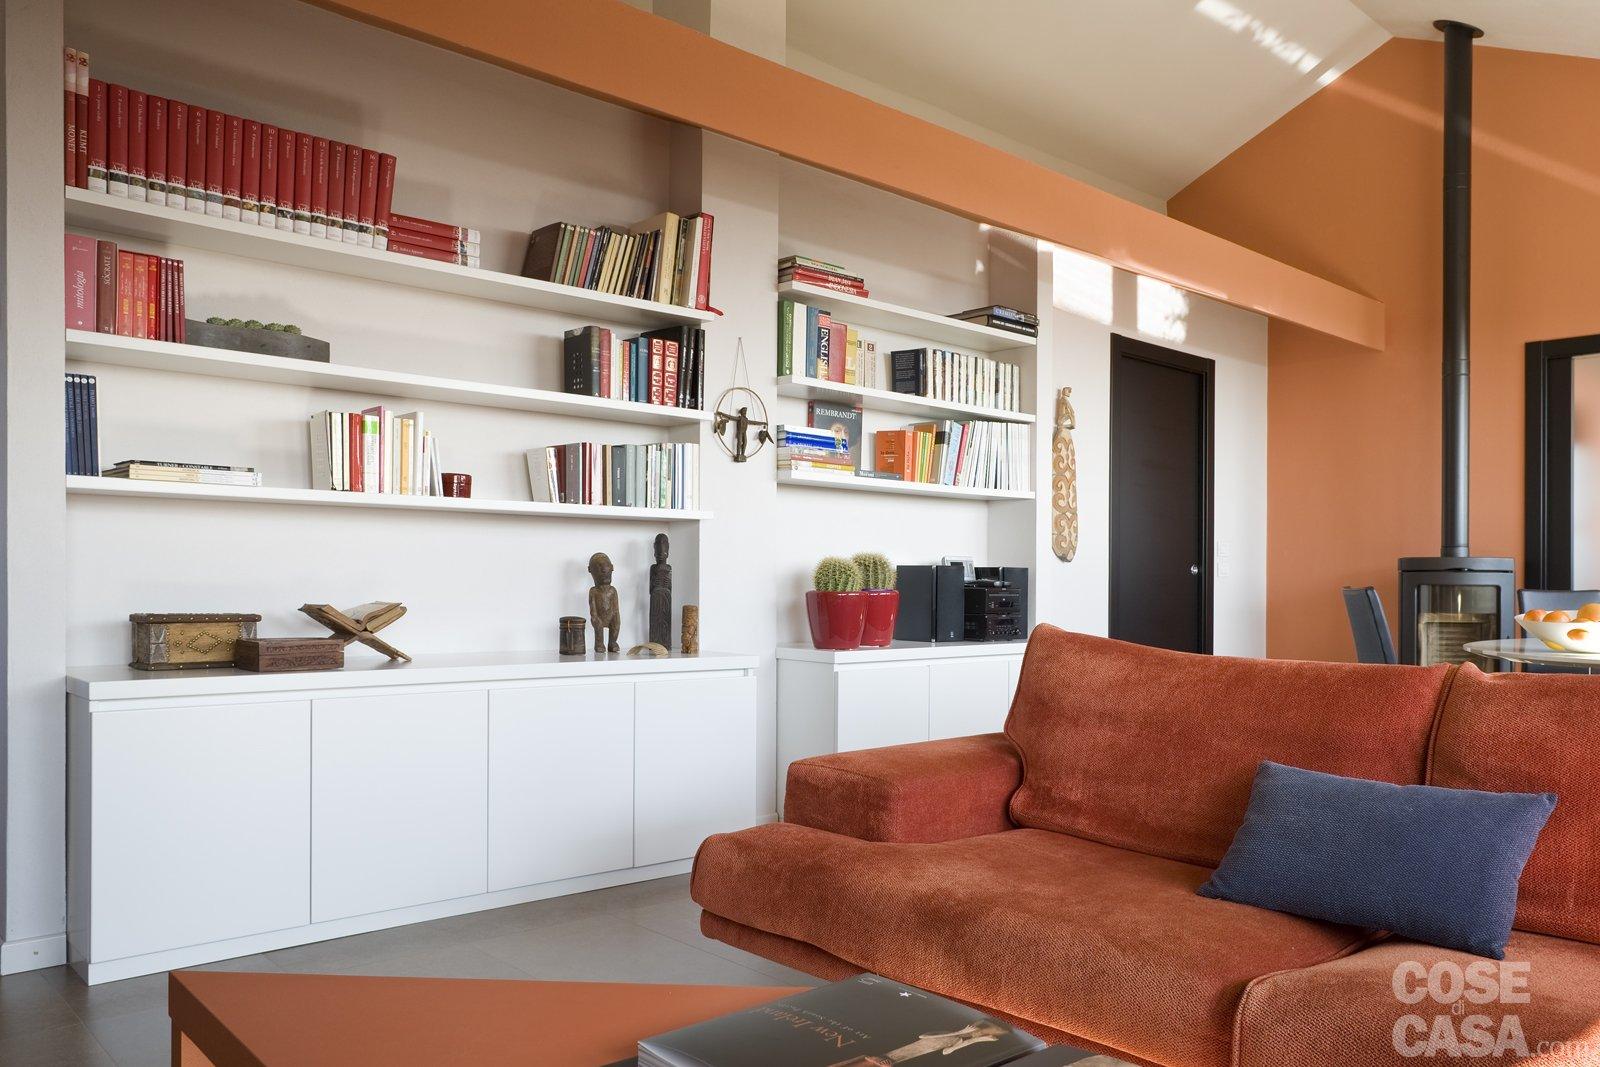 Casa in mansarda con le soluzioni giuste per gli spazi - Alzare tetto casa ...